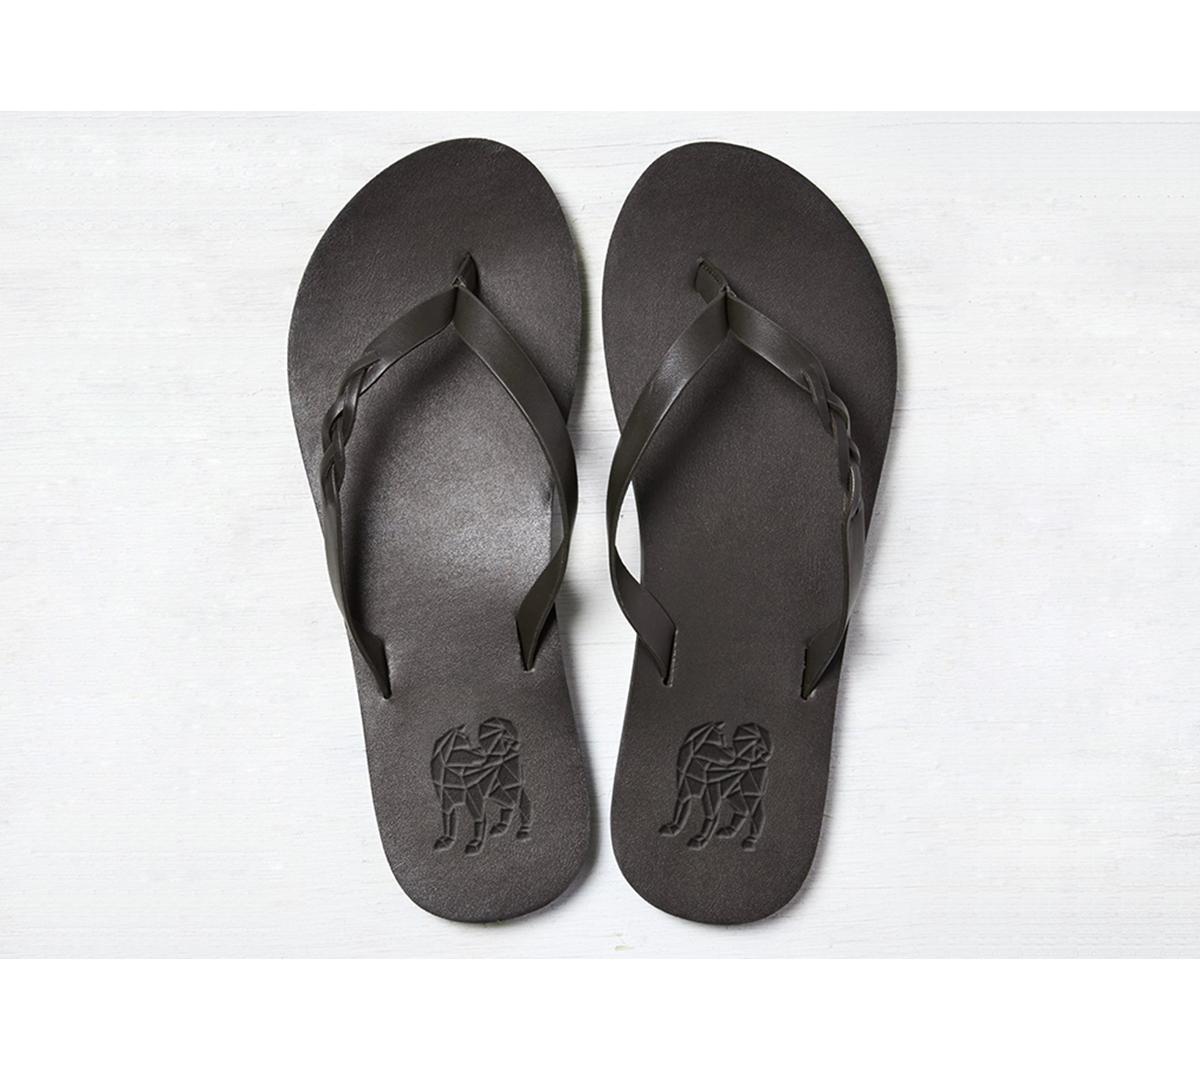 Troupers-web-shoe-2